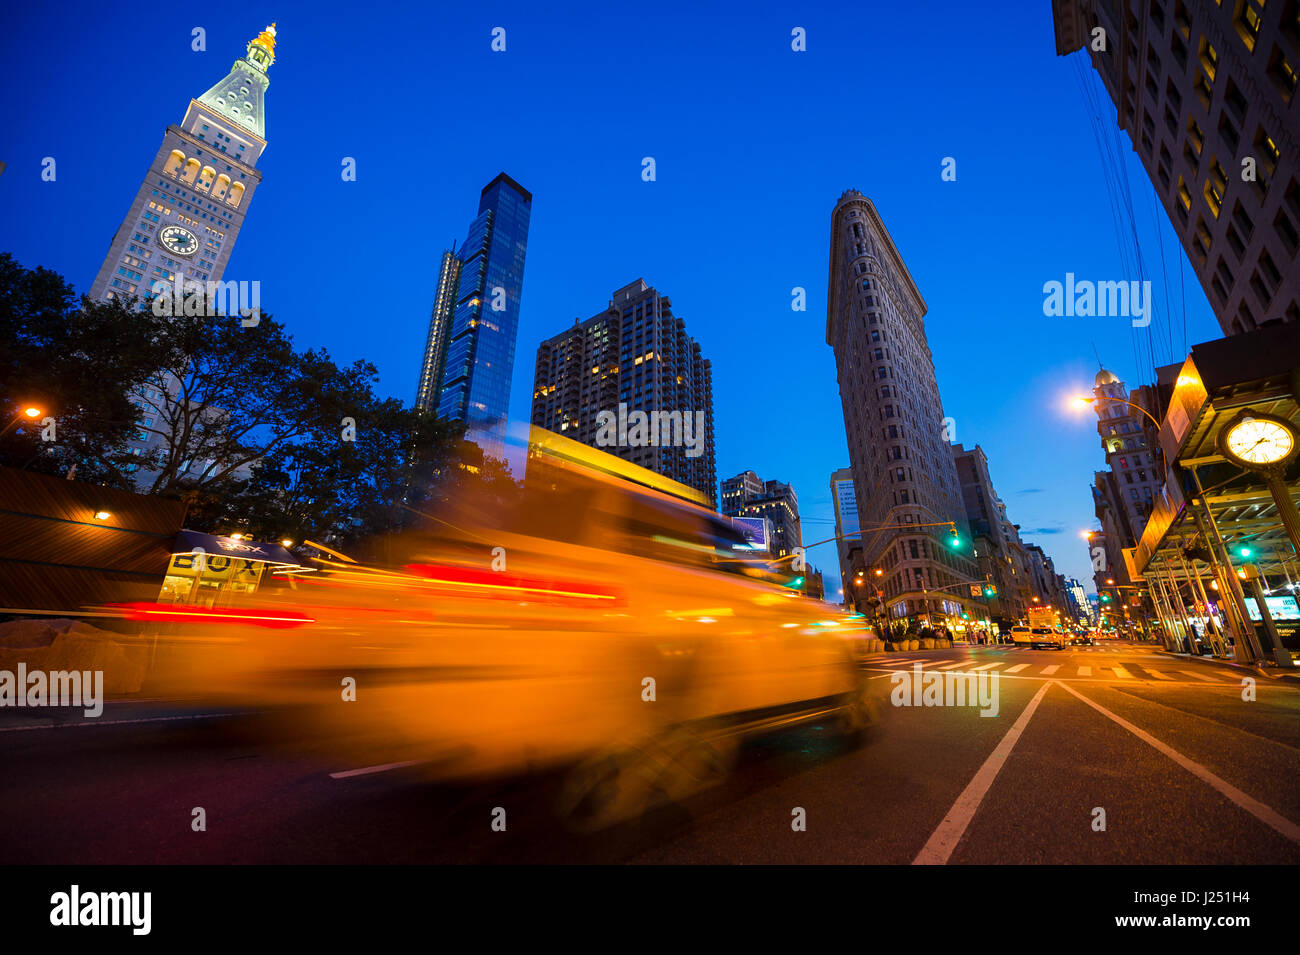 Le trafic passant dans le motion blur dans une soirée lumineuse vue sur les rues de New York au Madison Square, Photo Stock